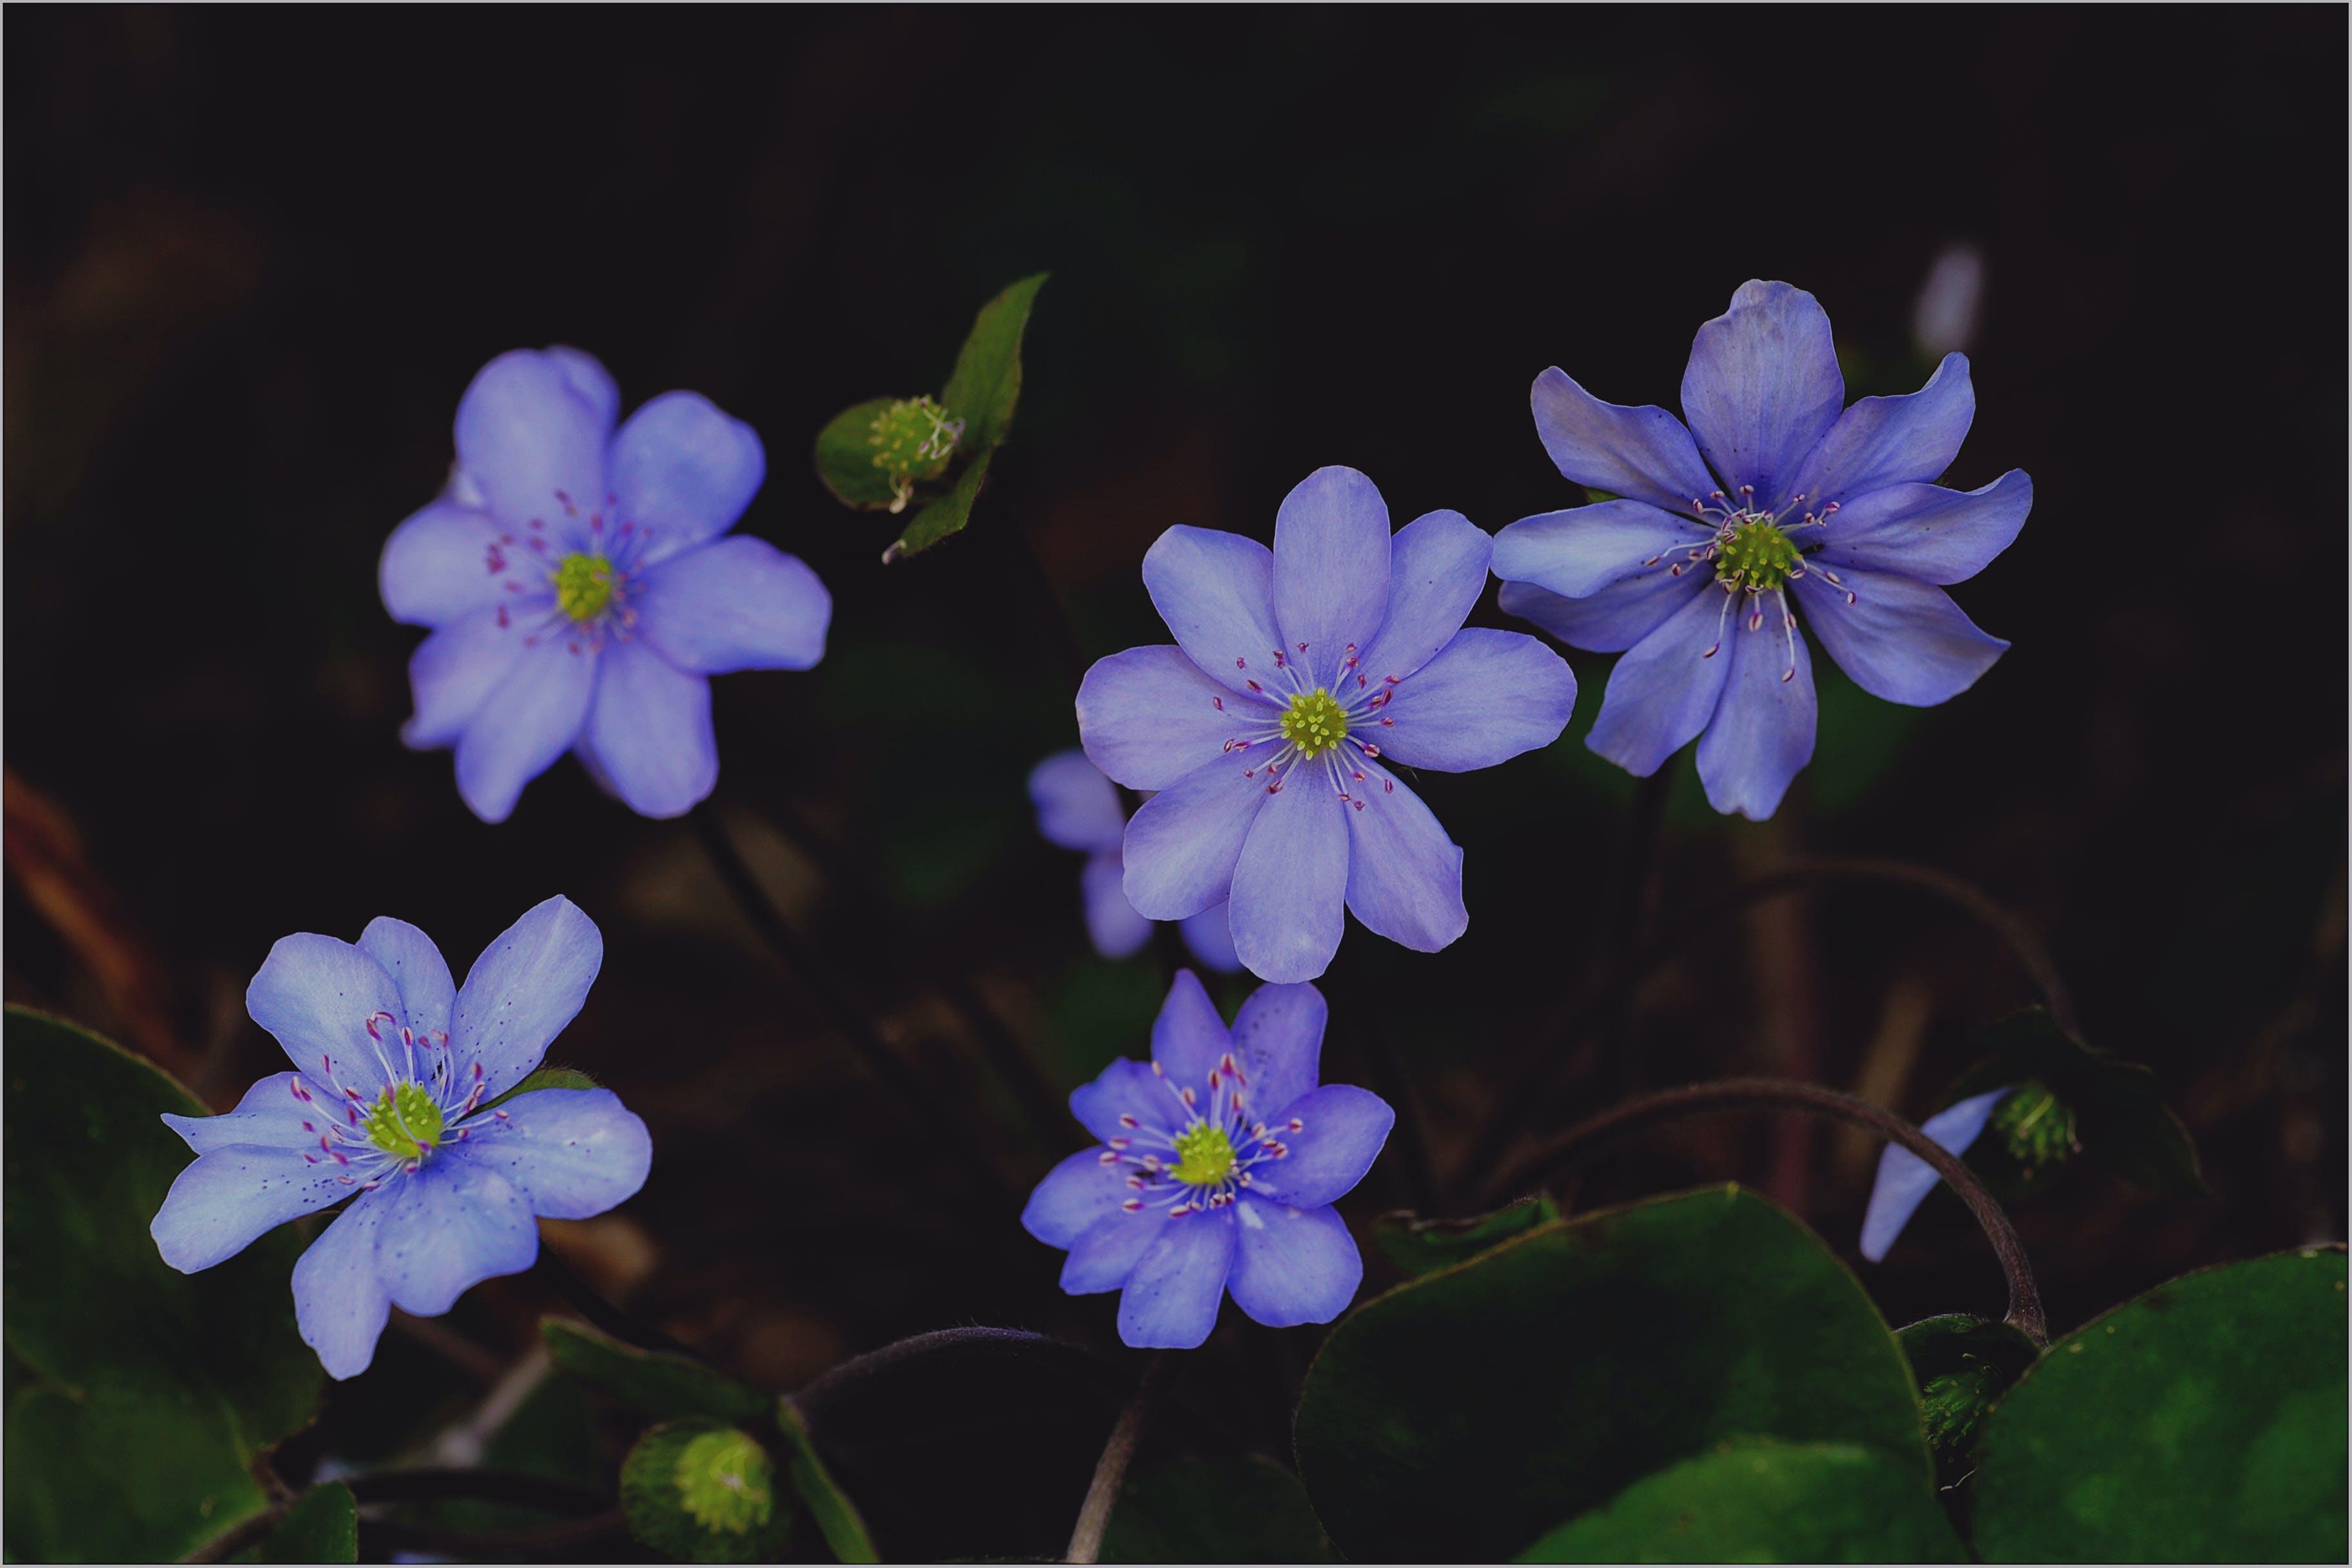 フラワーズ, フローラ, ボタニカル, 咲くの無料の写真素材